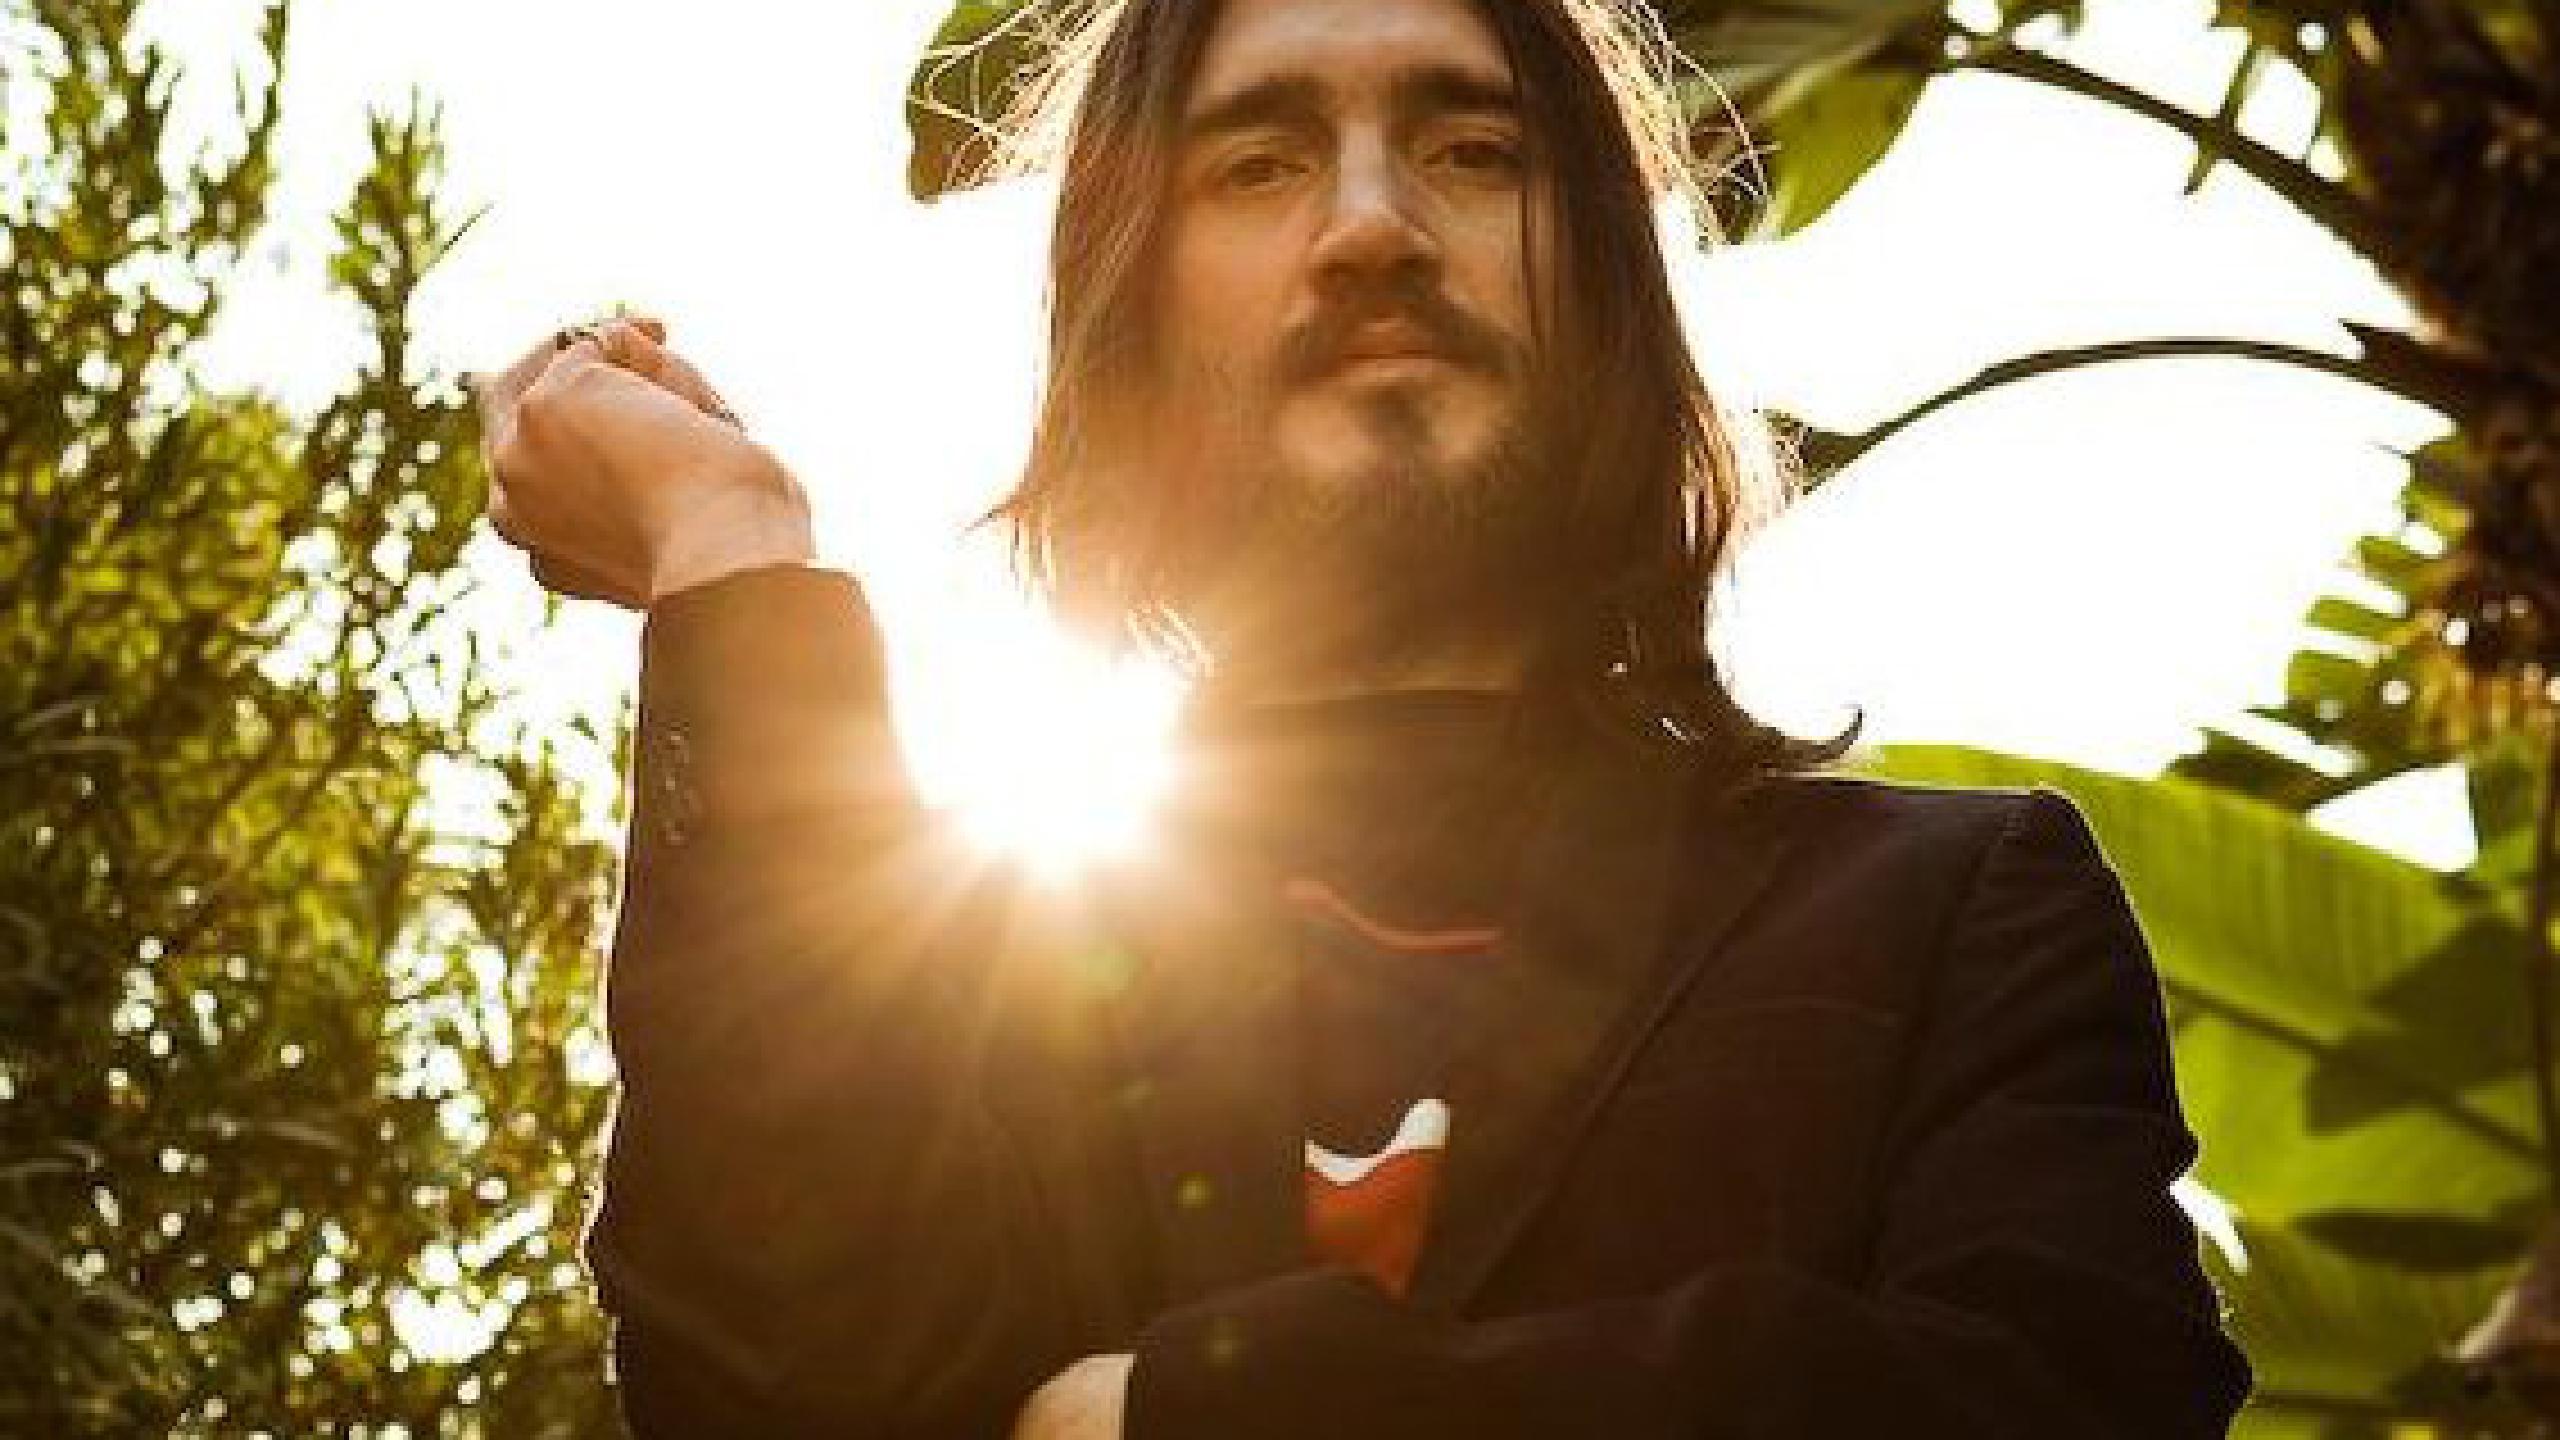 John Frusciante fechas de gira 2019 2020. John Frusciante ...